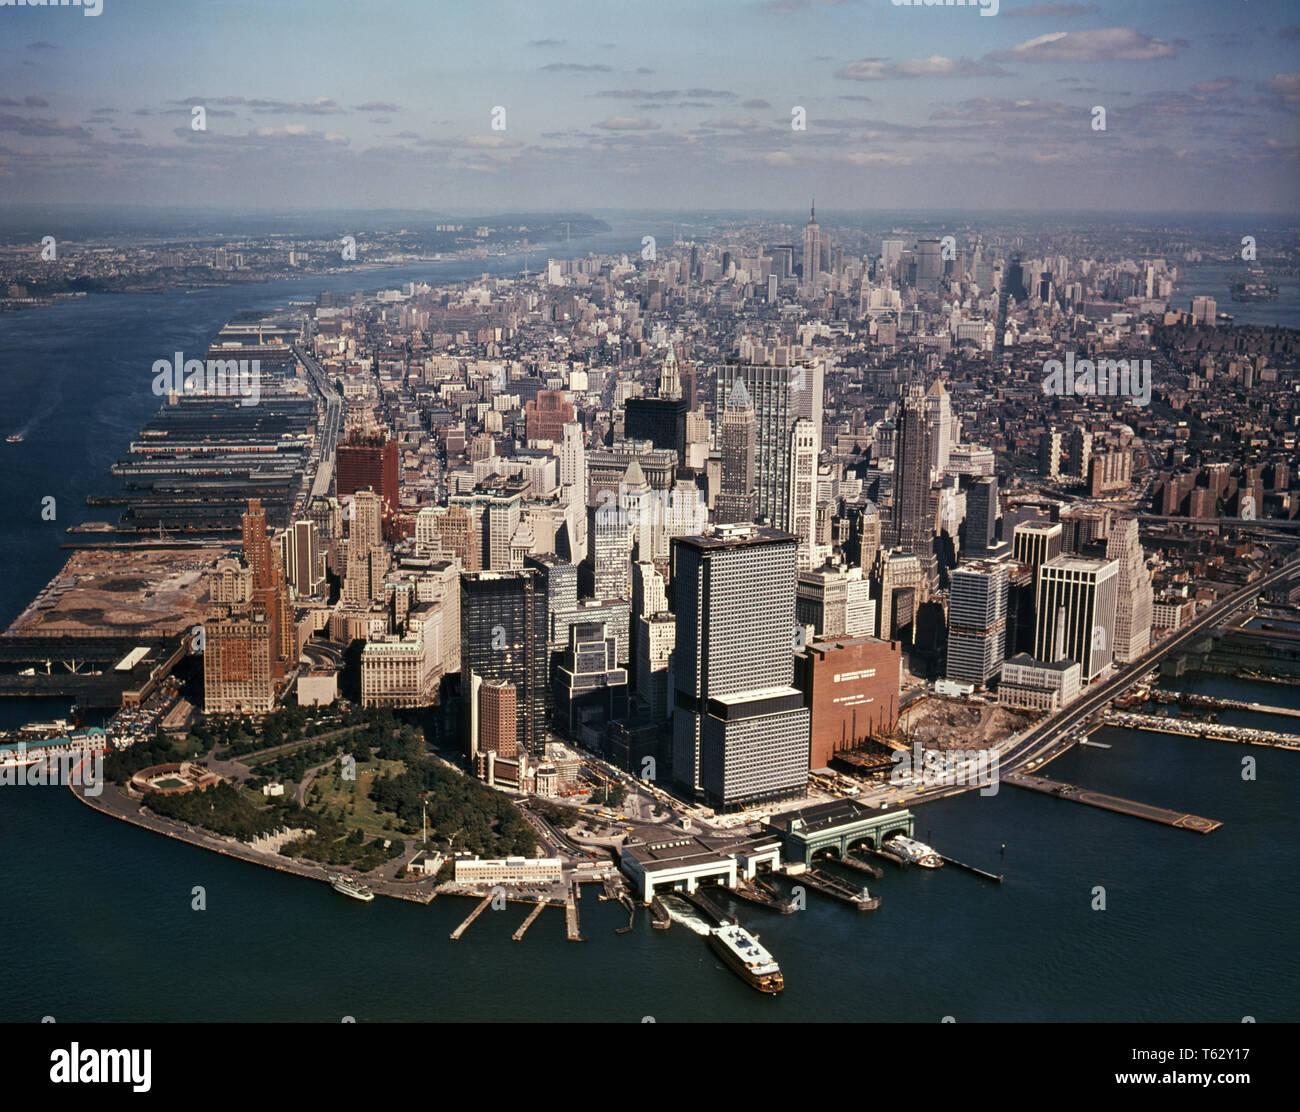 1970 CENTRE-VILLE DE MANHATTAN À L'ANTENNE DE BATTERY PARK WORLD TRADE CENTER EN CONSTRUCTION NYC USA - KR15724 KRU001 HARS, États-Unis d'Amérique AMÉRIQUE DU NORD NEW YORK DES BÂTIMENTS DU CENTRE-VILLE DE PORT LA LIBERTÉ DE L'AMÉRIQUE DU NORD LA STRUCTURE OBJECTIFS RÊVES CENTRE URBAIN HIGH ANGLE PROPRIÉTÉ AVENTURE EXCITATION PROGRÈS GOTHAM AU NORD-EST DE L'INNOVATION VOYAGE États-unis BATTERIE OCCASION FIERTÉ IMMOBILIER NYC NEW YORK SUR LA CÔTE EST DE L'édifice de l'IMAGINATION DES STRUCTURES VILLES NEW YORK LA CRÉATIVITÉ DES STATIONS DE CROISSANCE VUE AÉRIENNE DU QUARTIER FINANCIER DE LA RIVIÈRE EAST HUDSON RIVER Lower Manhattan old fashioned Photo Stock